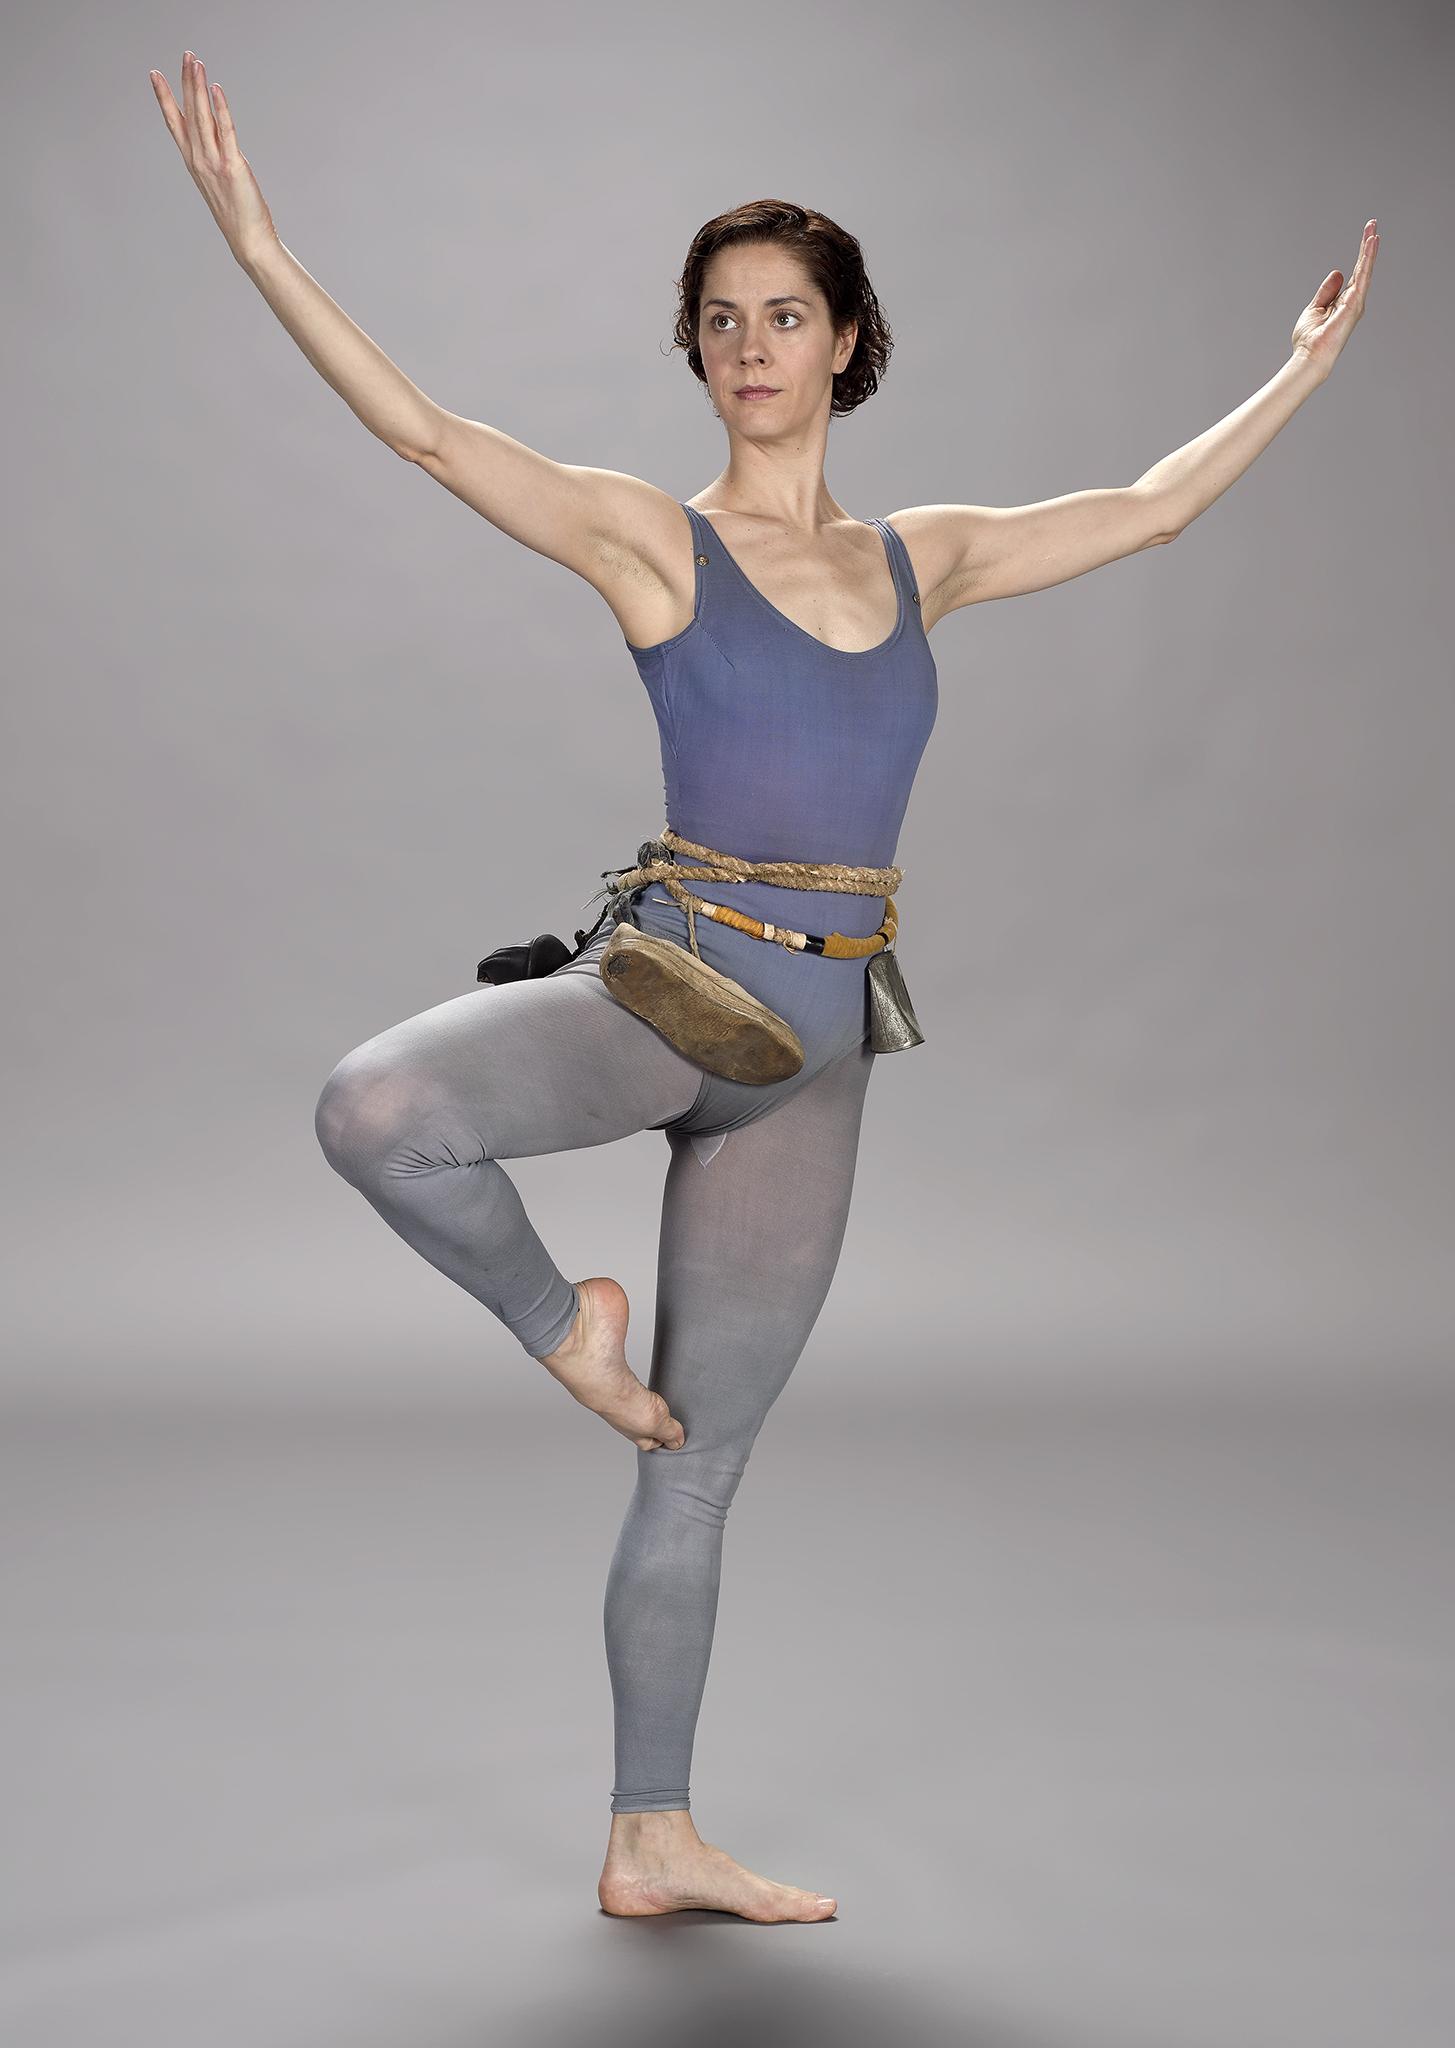 connecticut Stripper elizibeth fantasy dancer